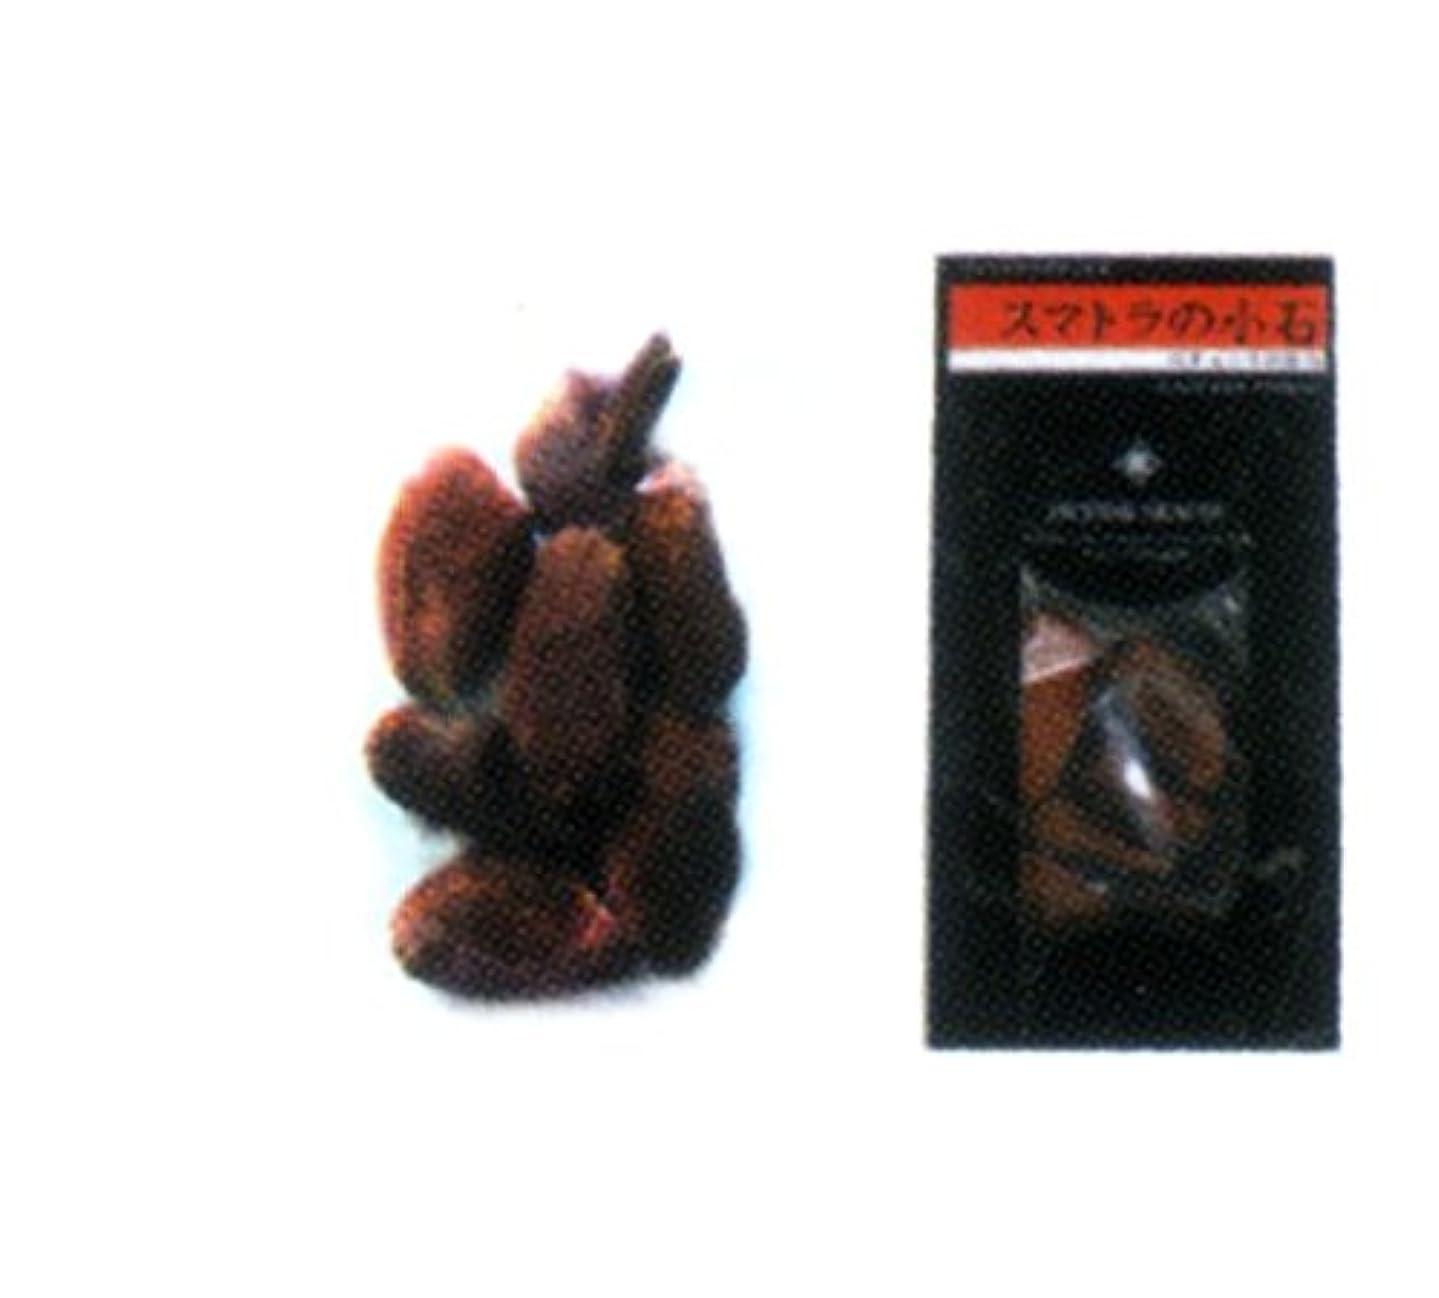 誰も認める兄弟愛インセンスヘブン(100%天然手作りのお香) スマトラの石